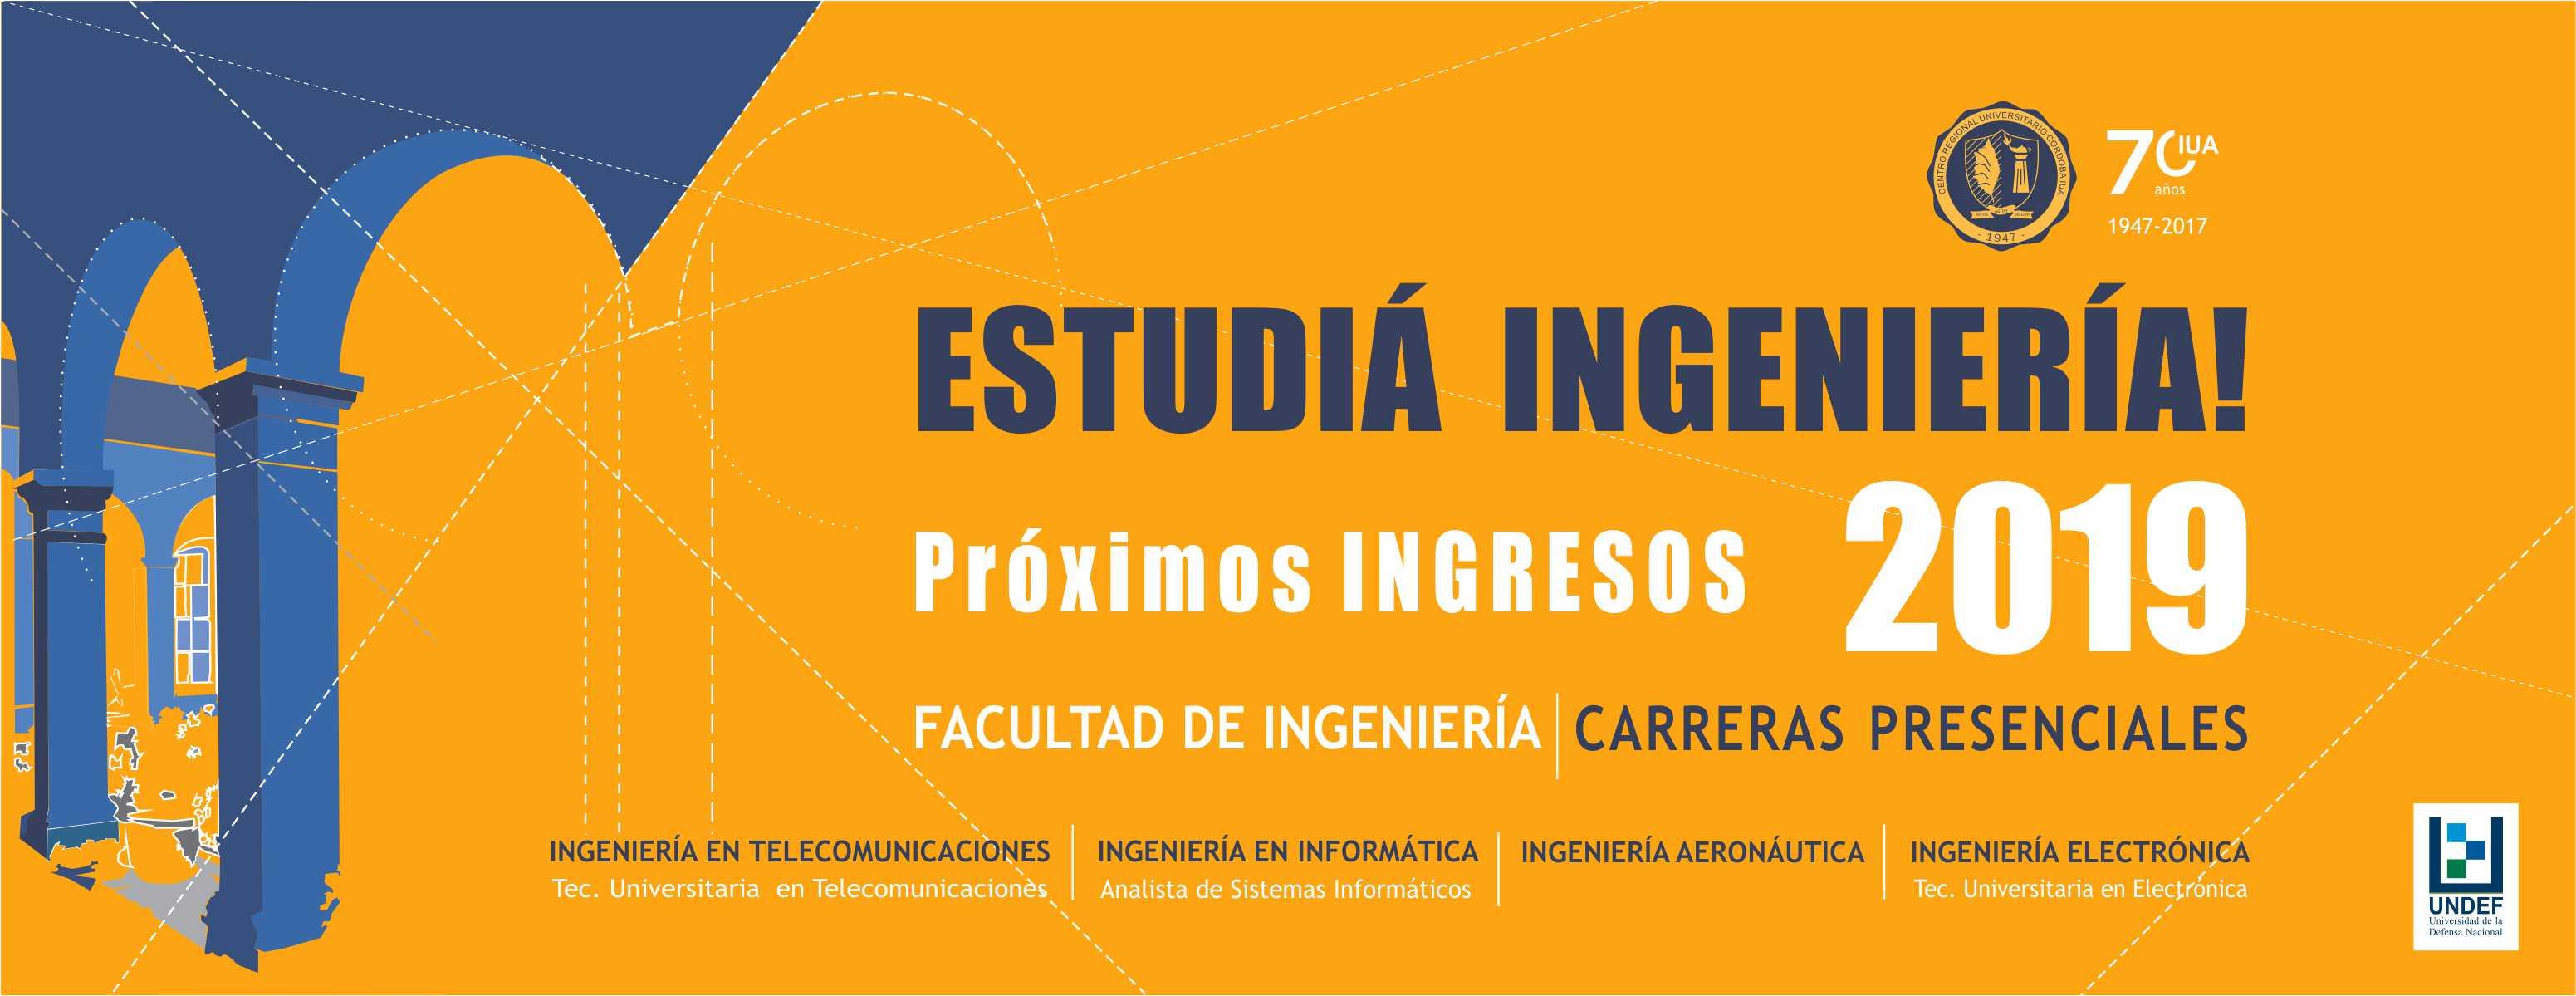 Ingreso Facultad de Ingeniería